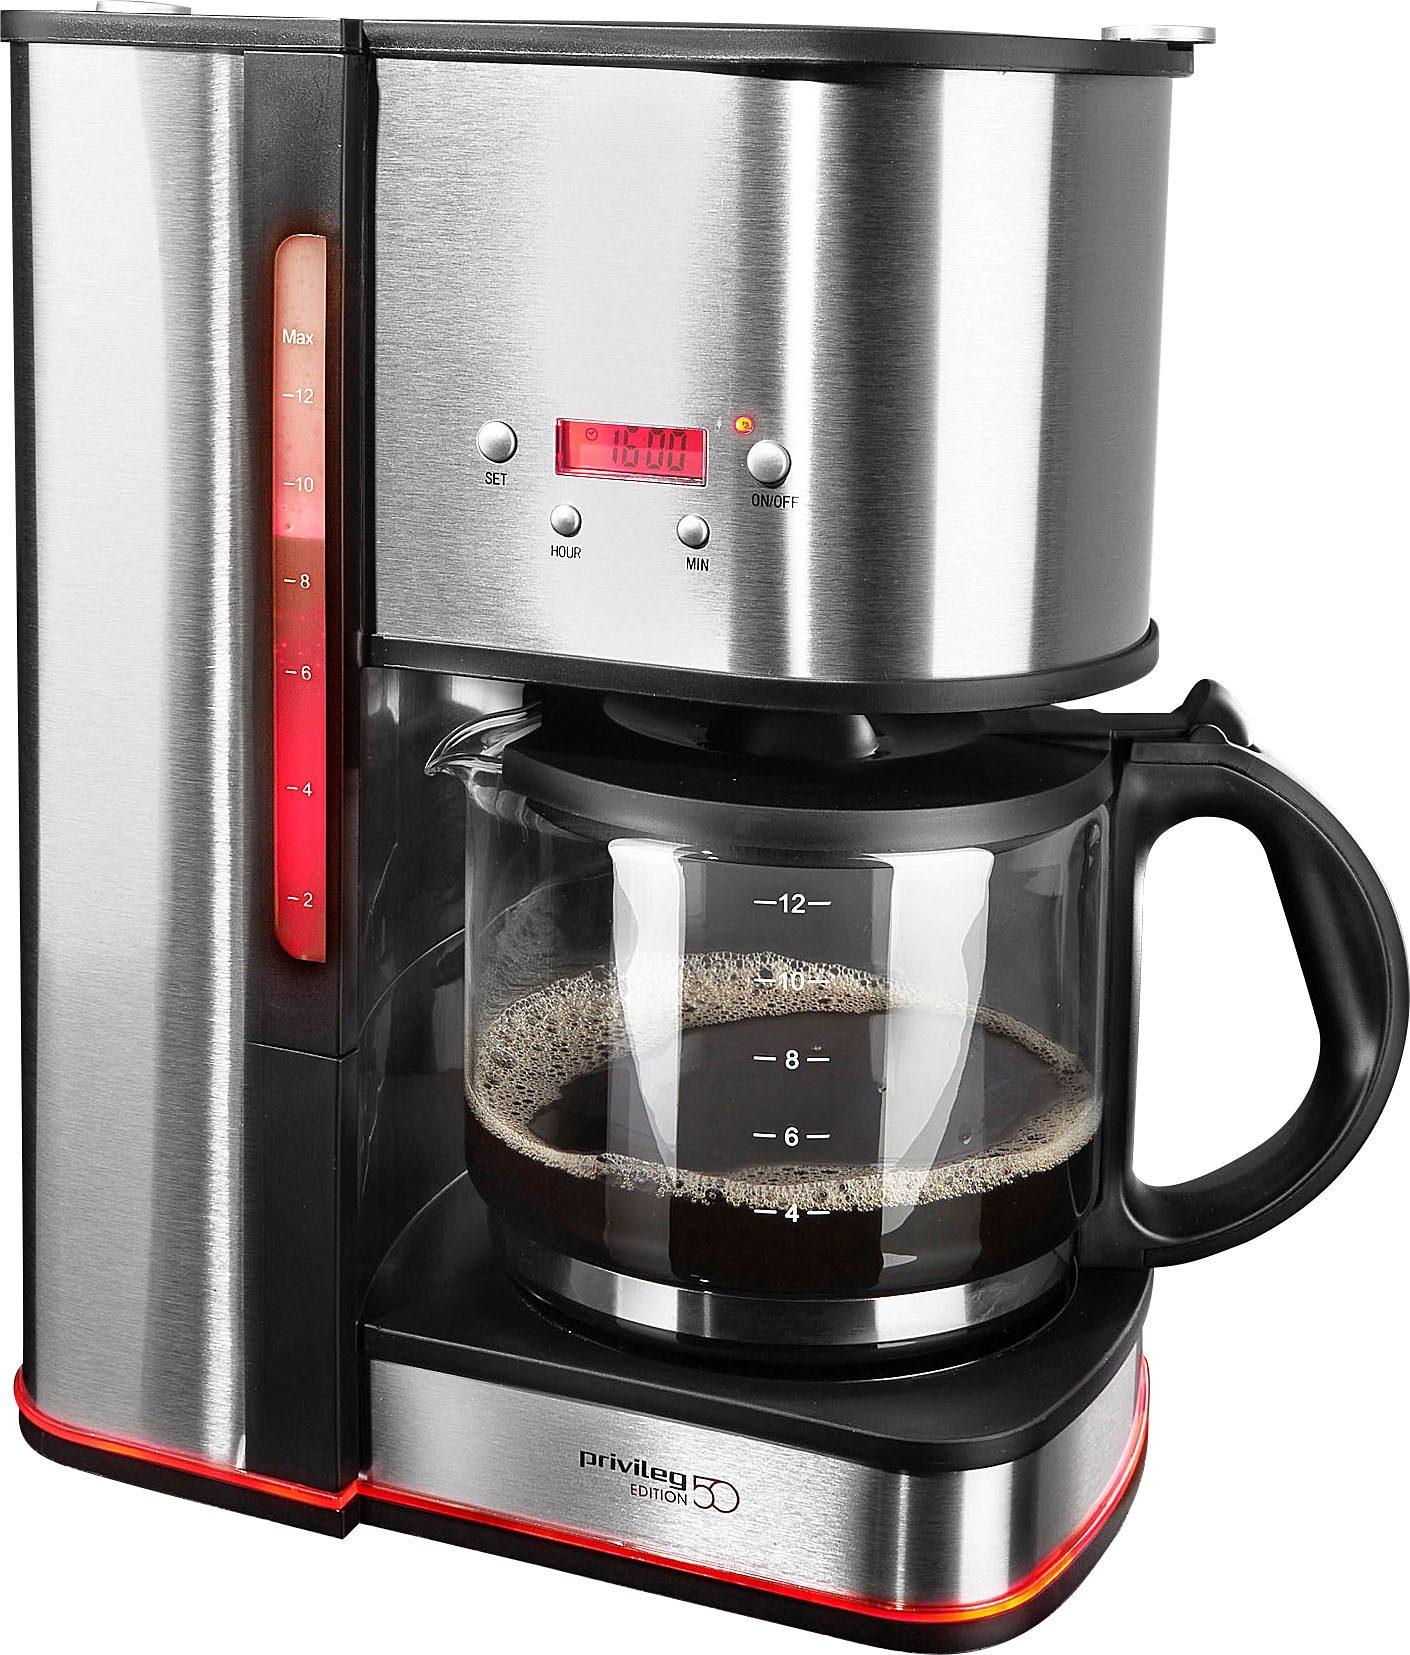 Privileg Filterkaffeemaschine Edition 50, 1,5l Kaffeekanne, Papierfilter 1x4, mit rotem Leuchtring